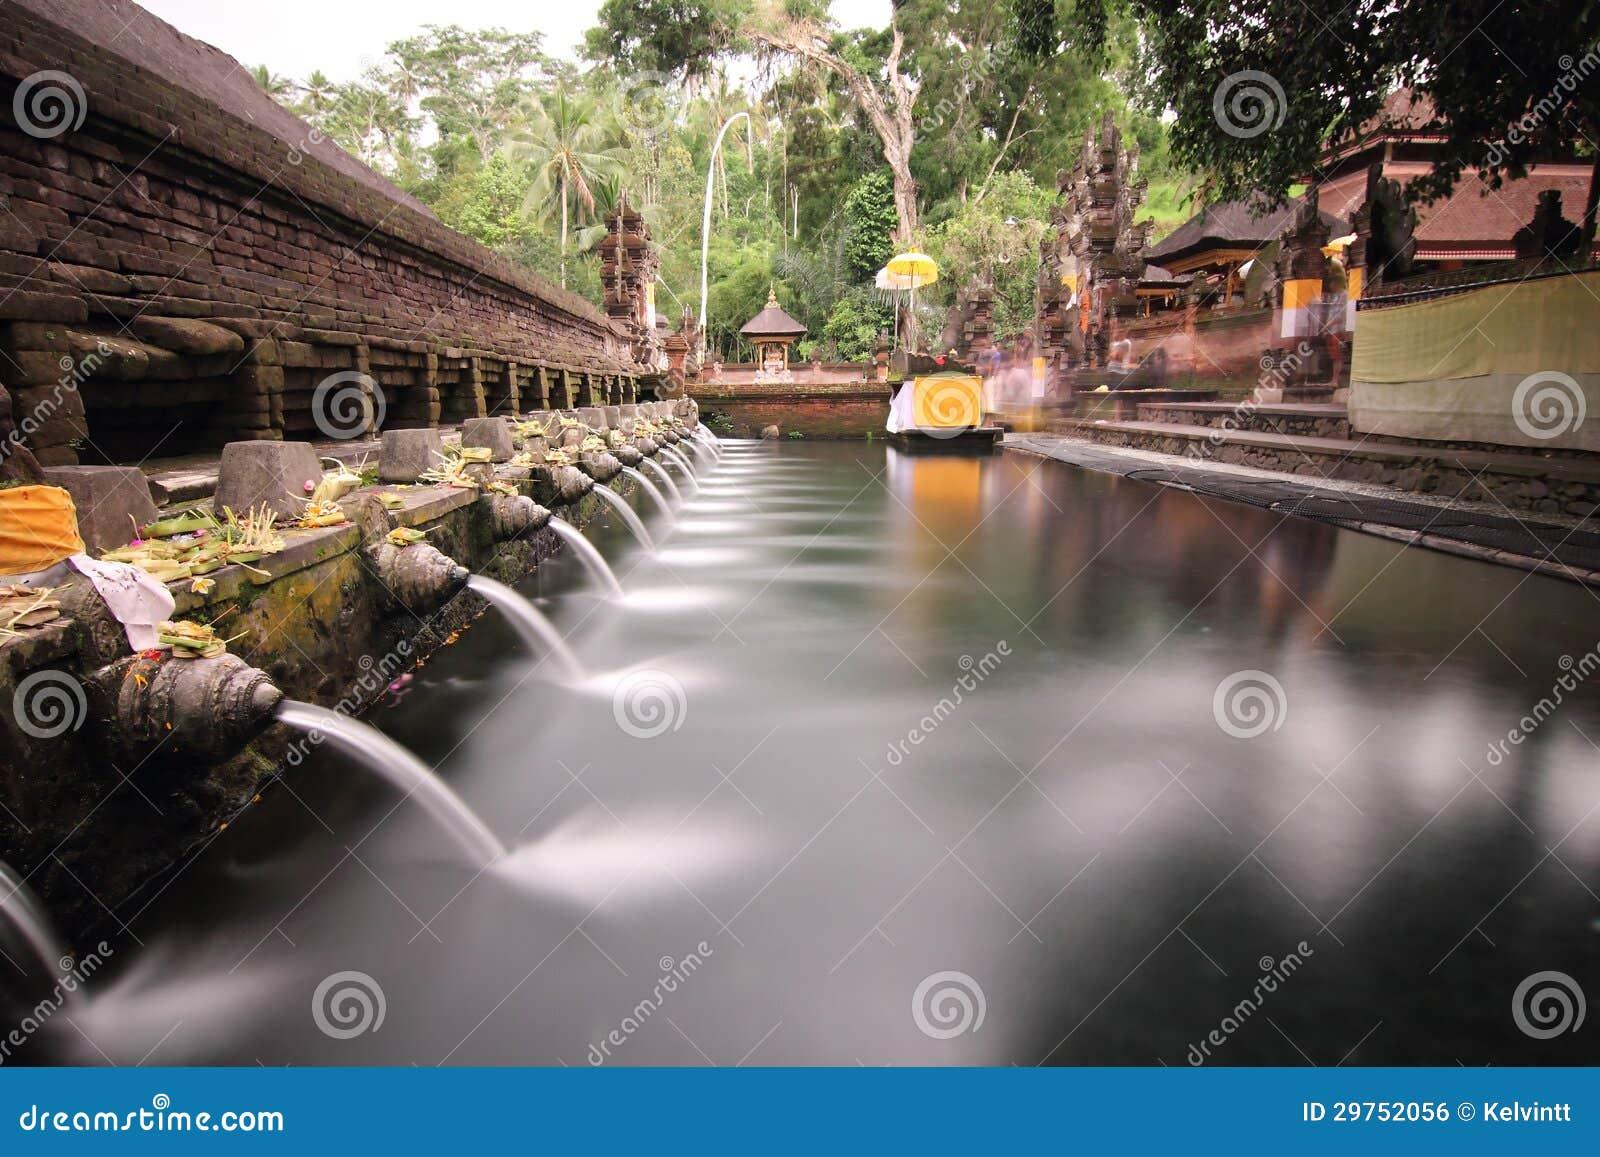 Ритуальный купая бассеин на Puru Tirtha Empul, Бали